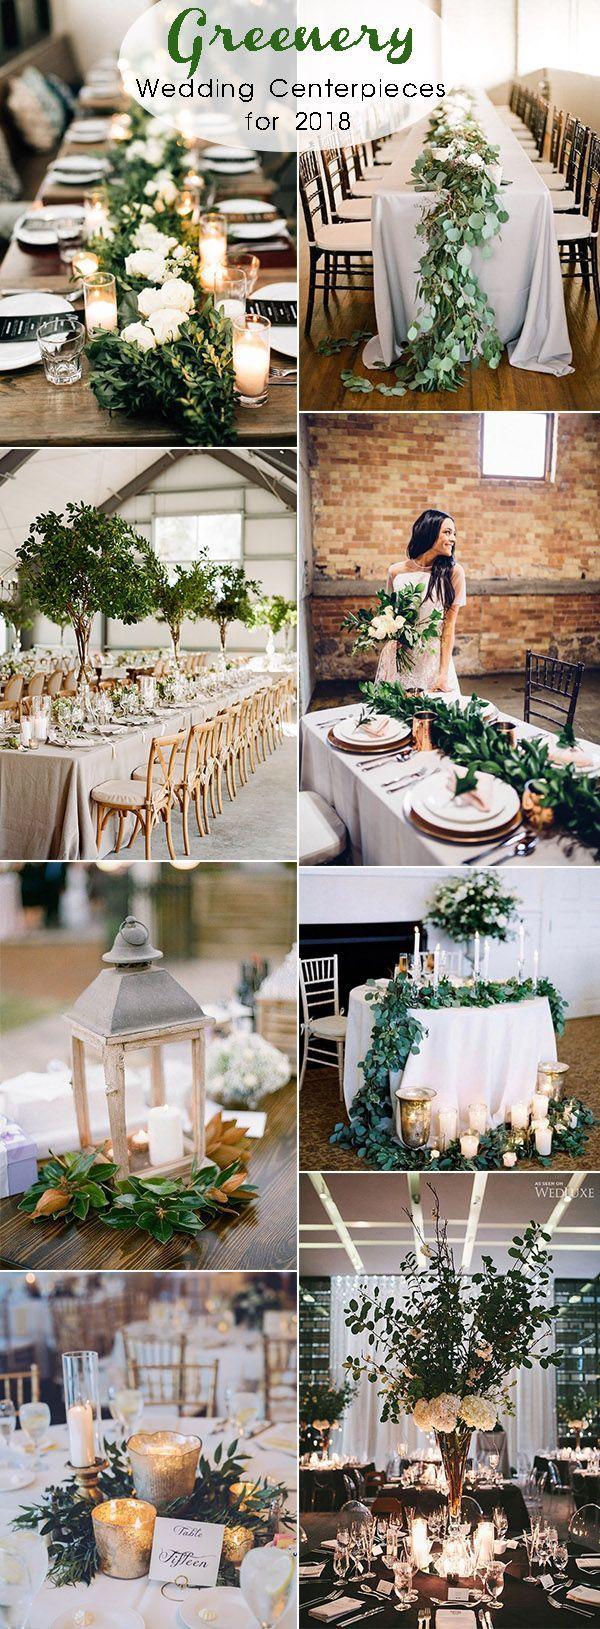 2018年婚礼潮流的迷人绿色婚礼中心